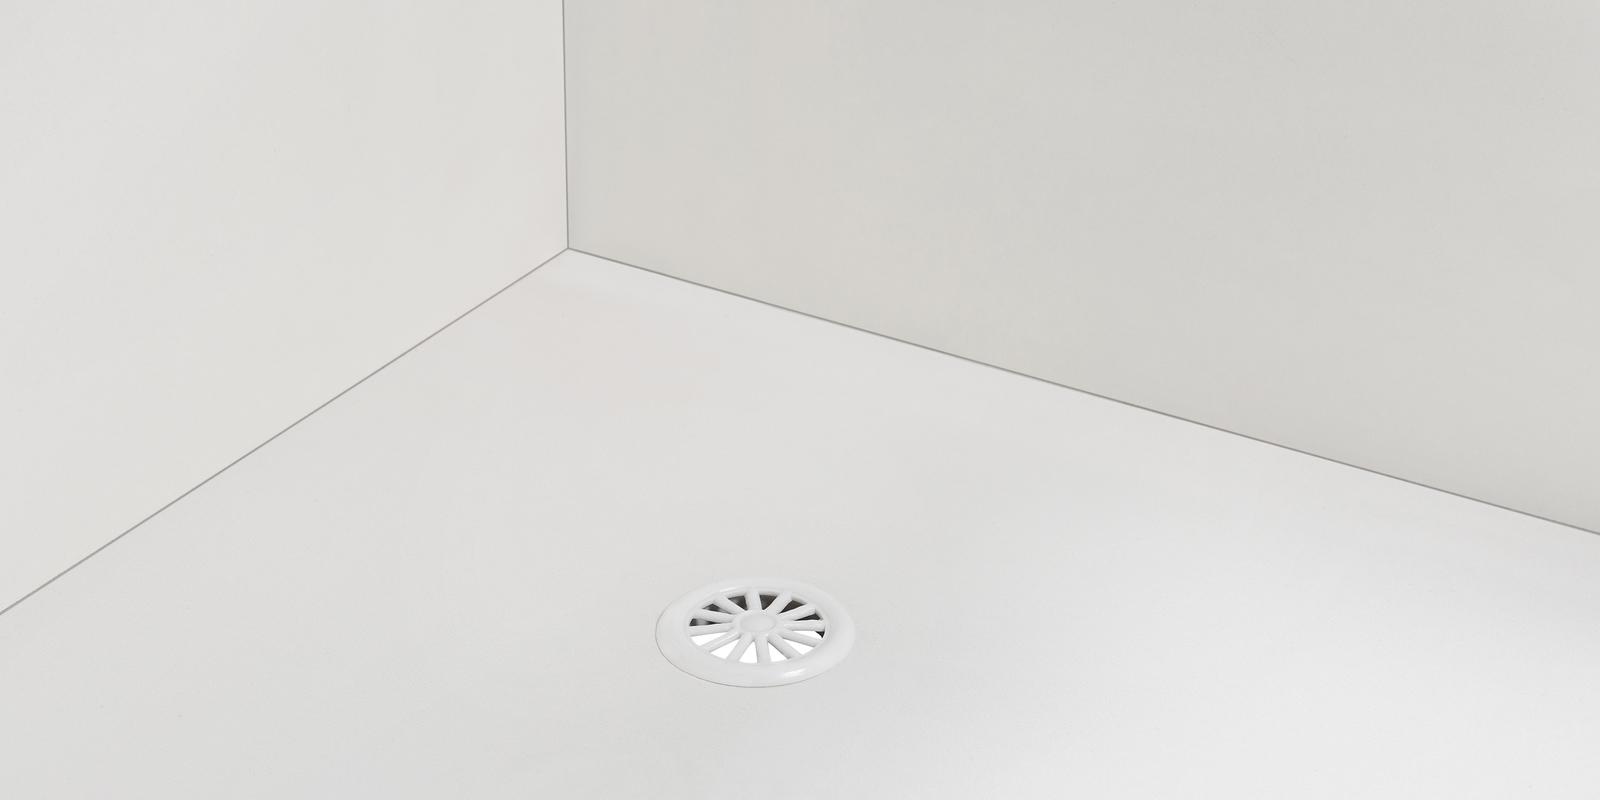 Модульный диван Портленд вариант №6 Grace светло-бежевый (Велюр)